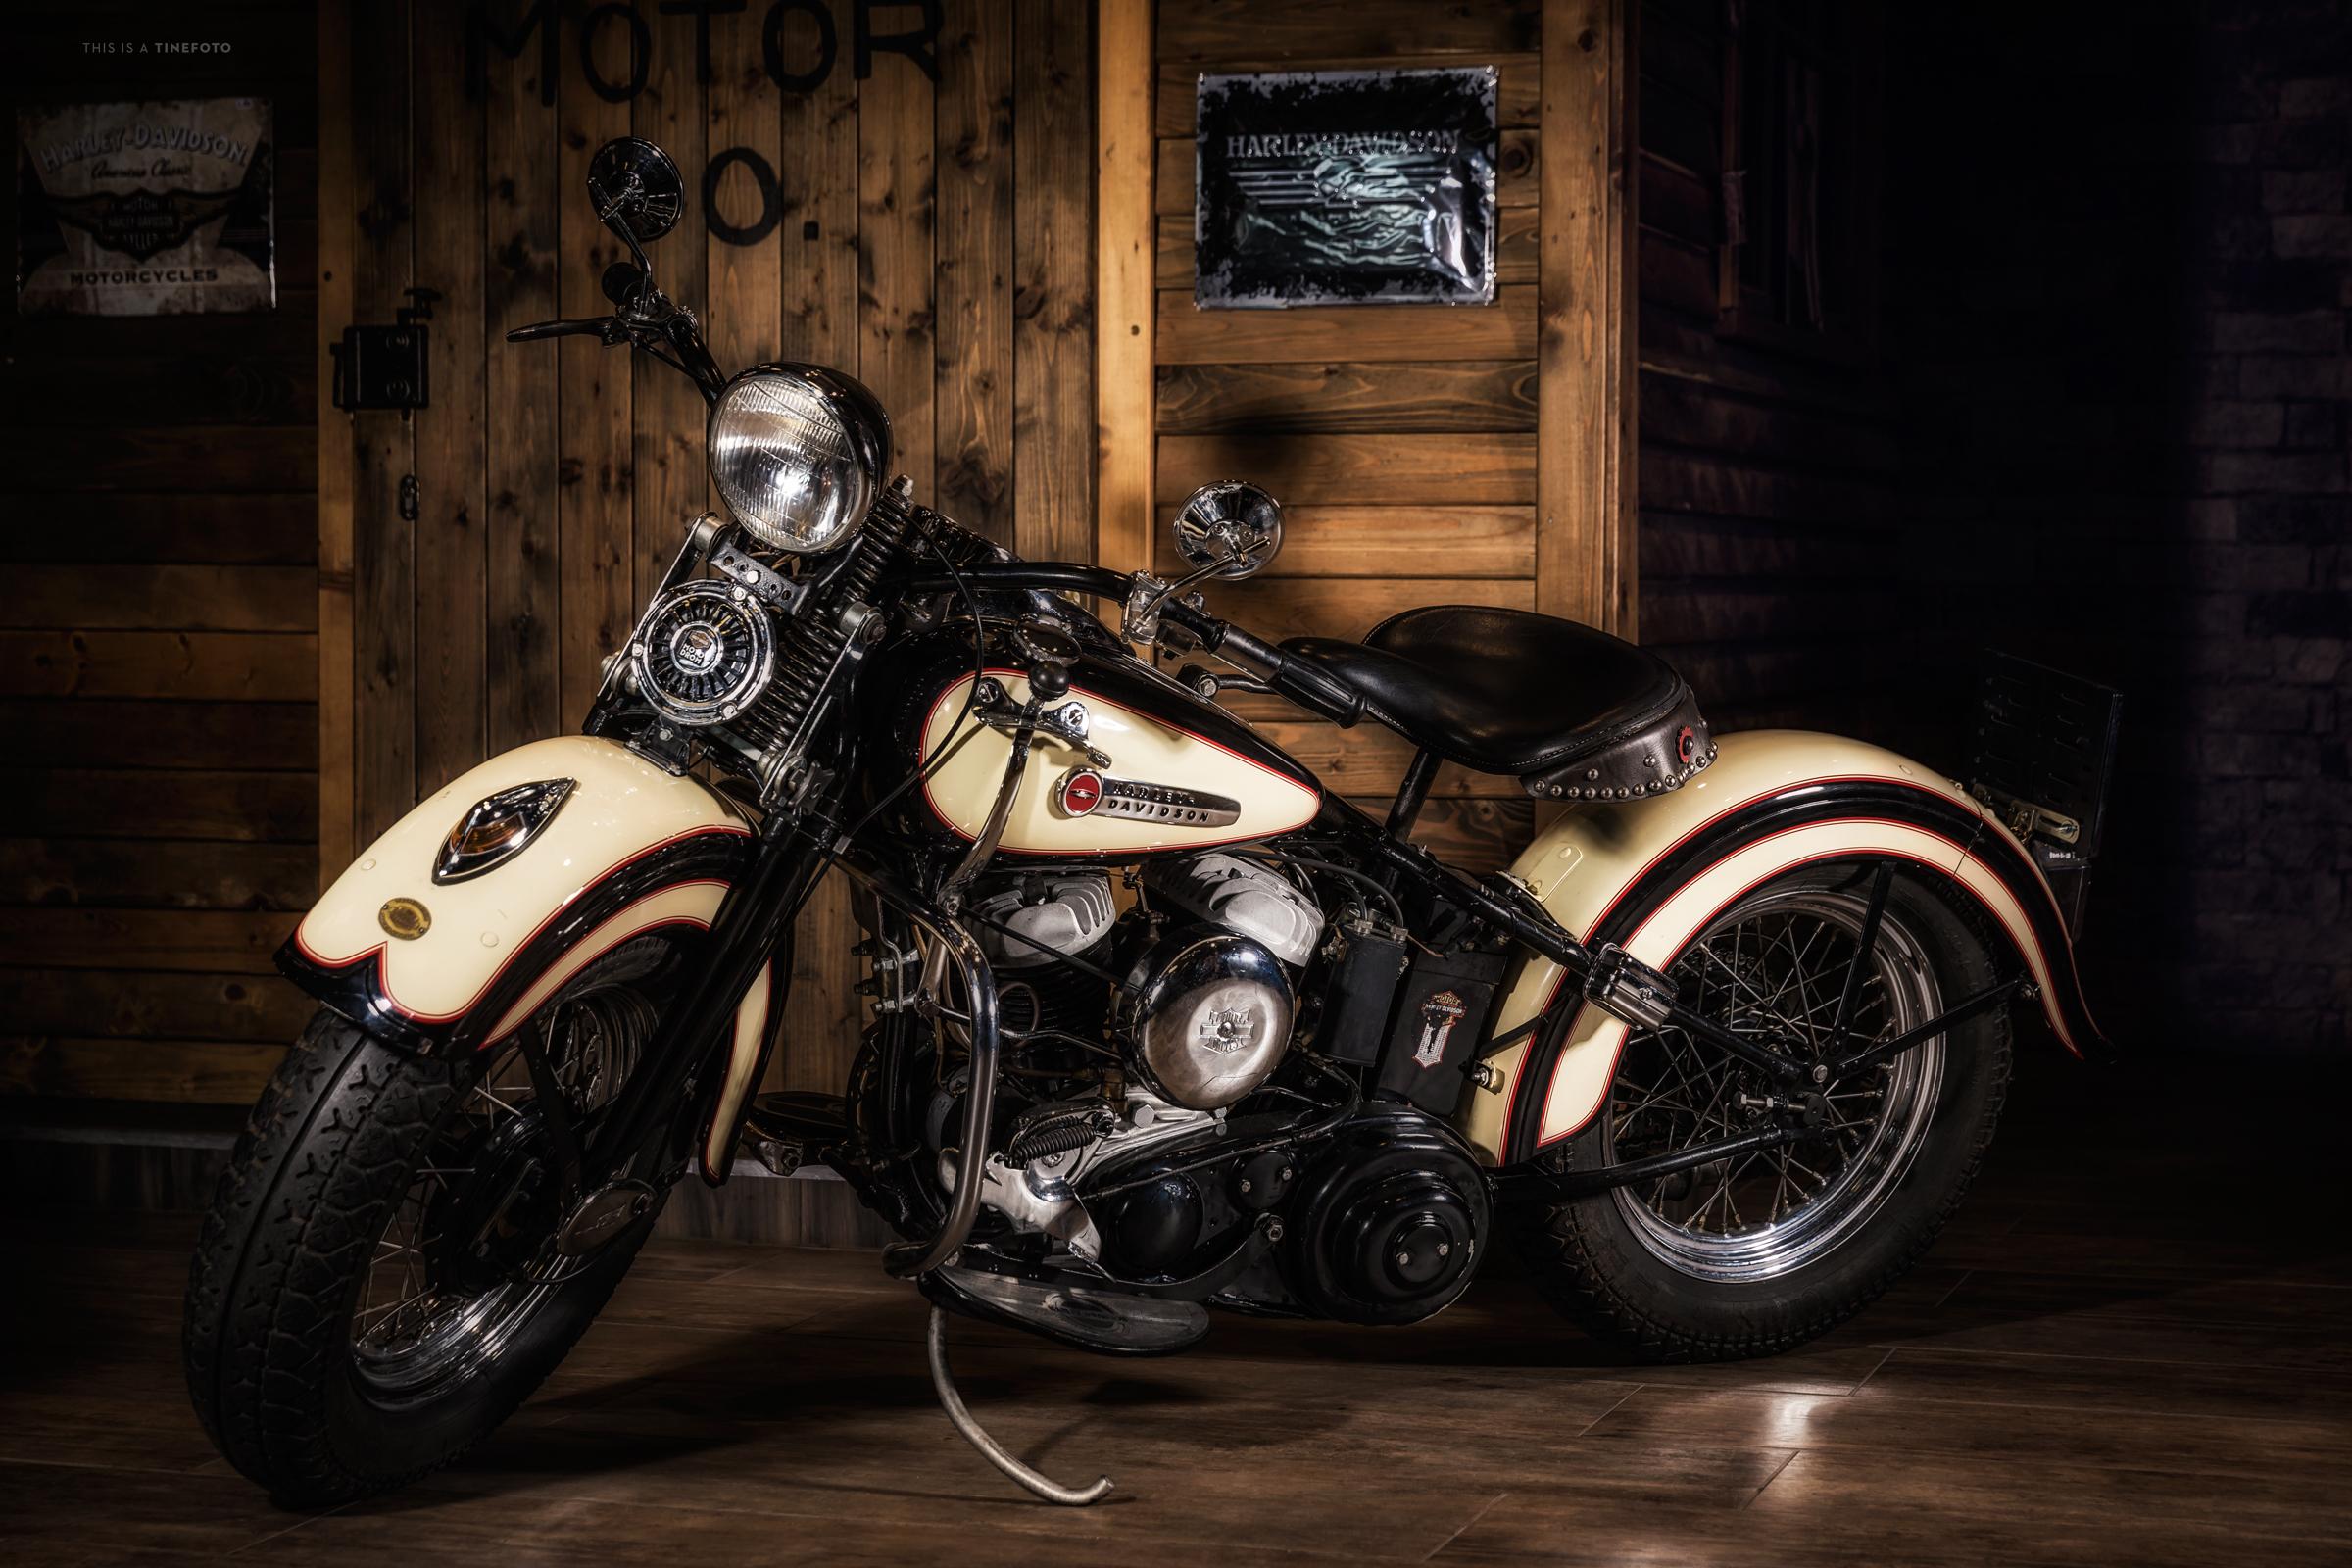 138700 скачать обои Мотоциклы, Harley Davidson, Мотоцикл, Стиль - заставки и картинки бесплатно